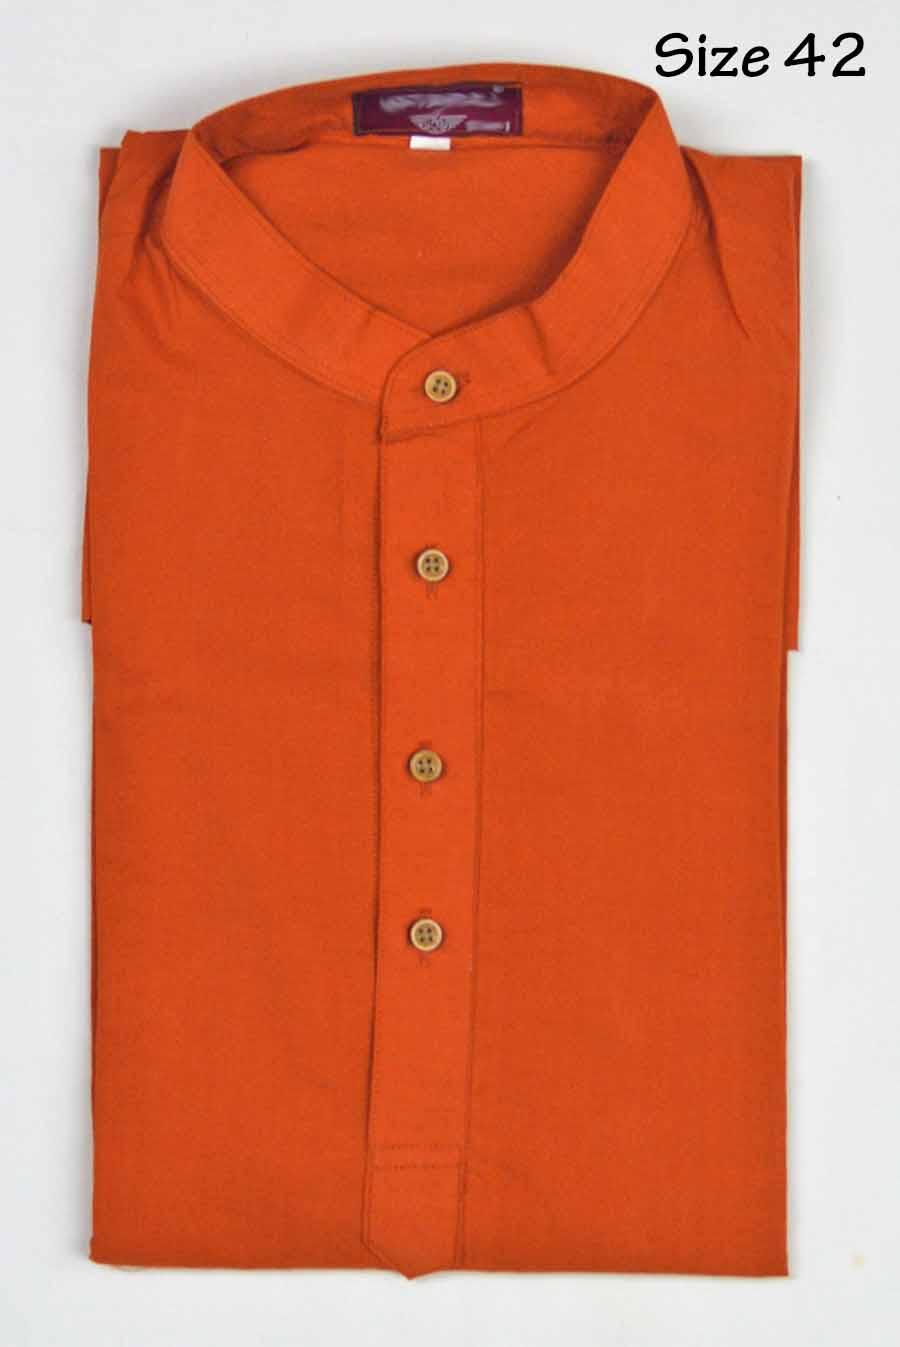 Cotton Kurta 9108 - 42